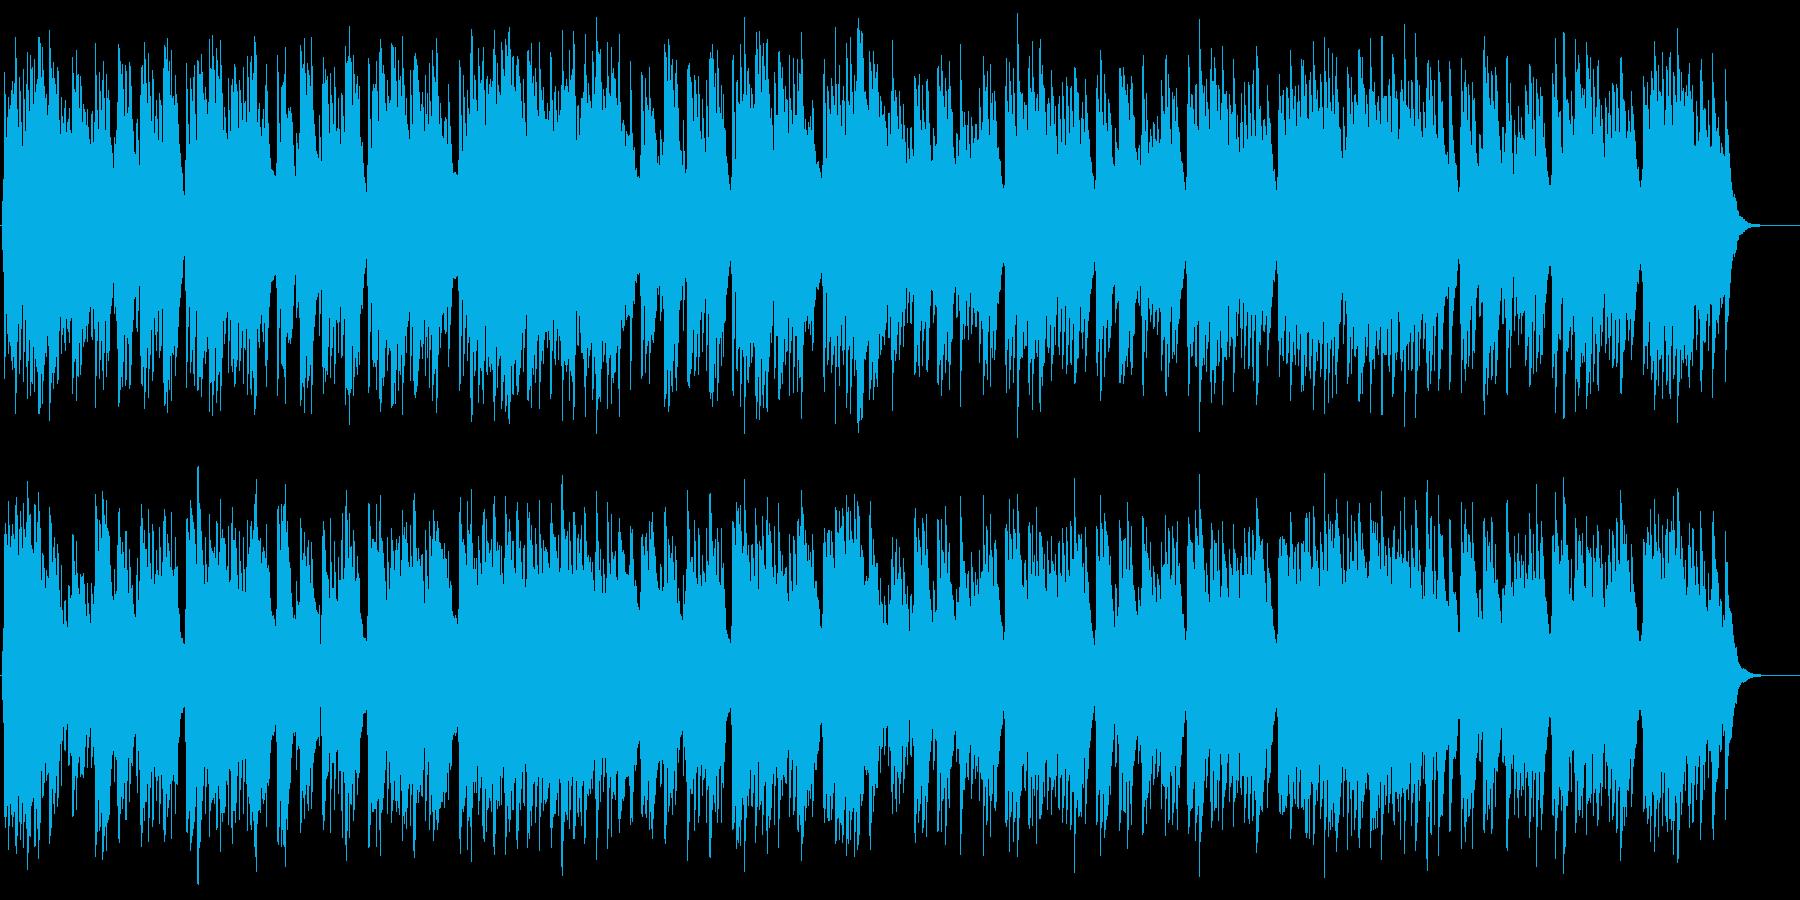 桑の木の周りを回ろう オルゴールの再生済みの波形